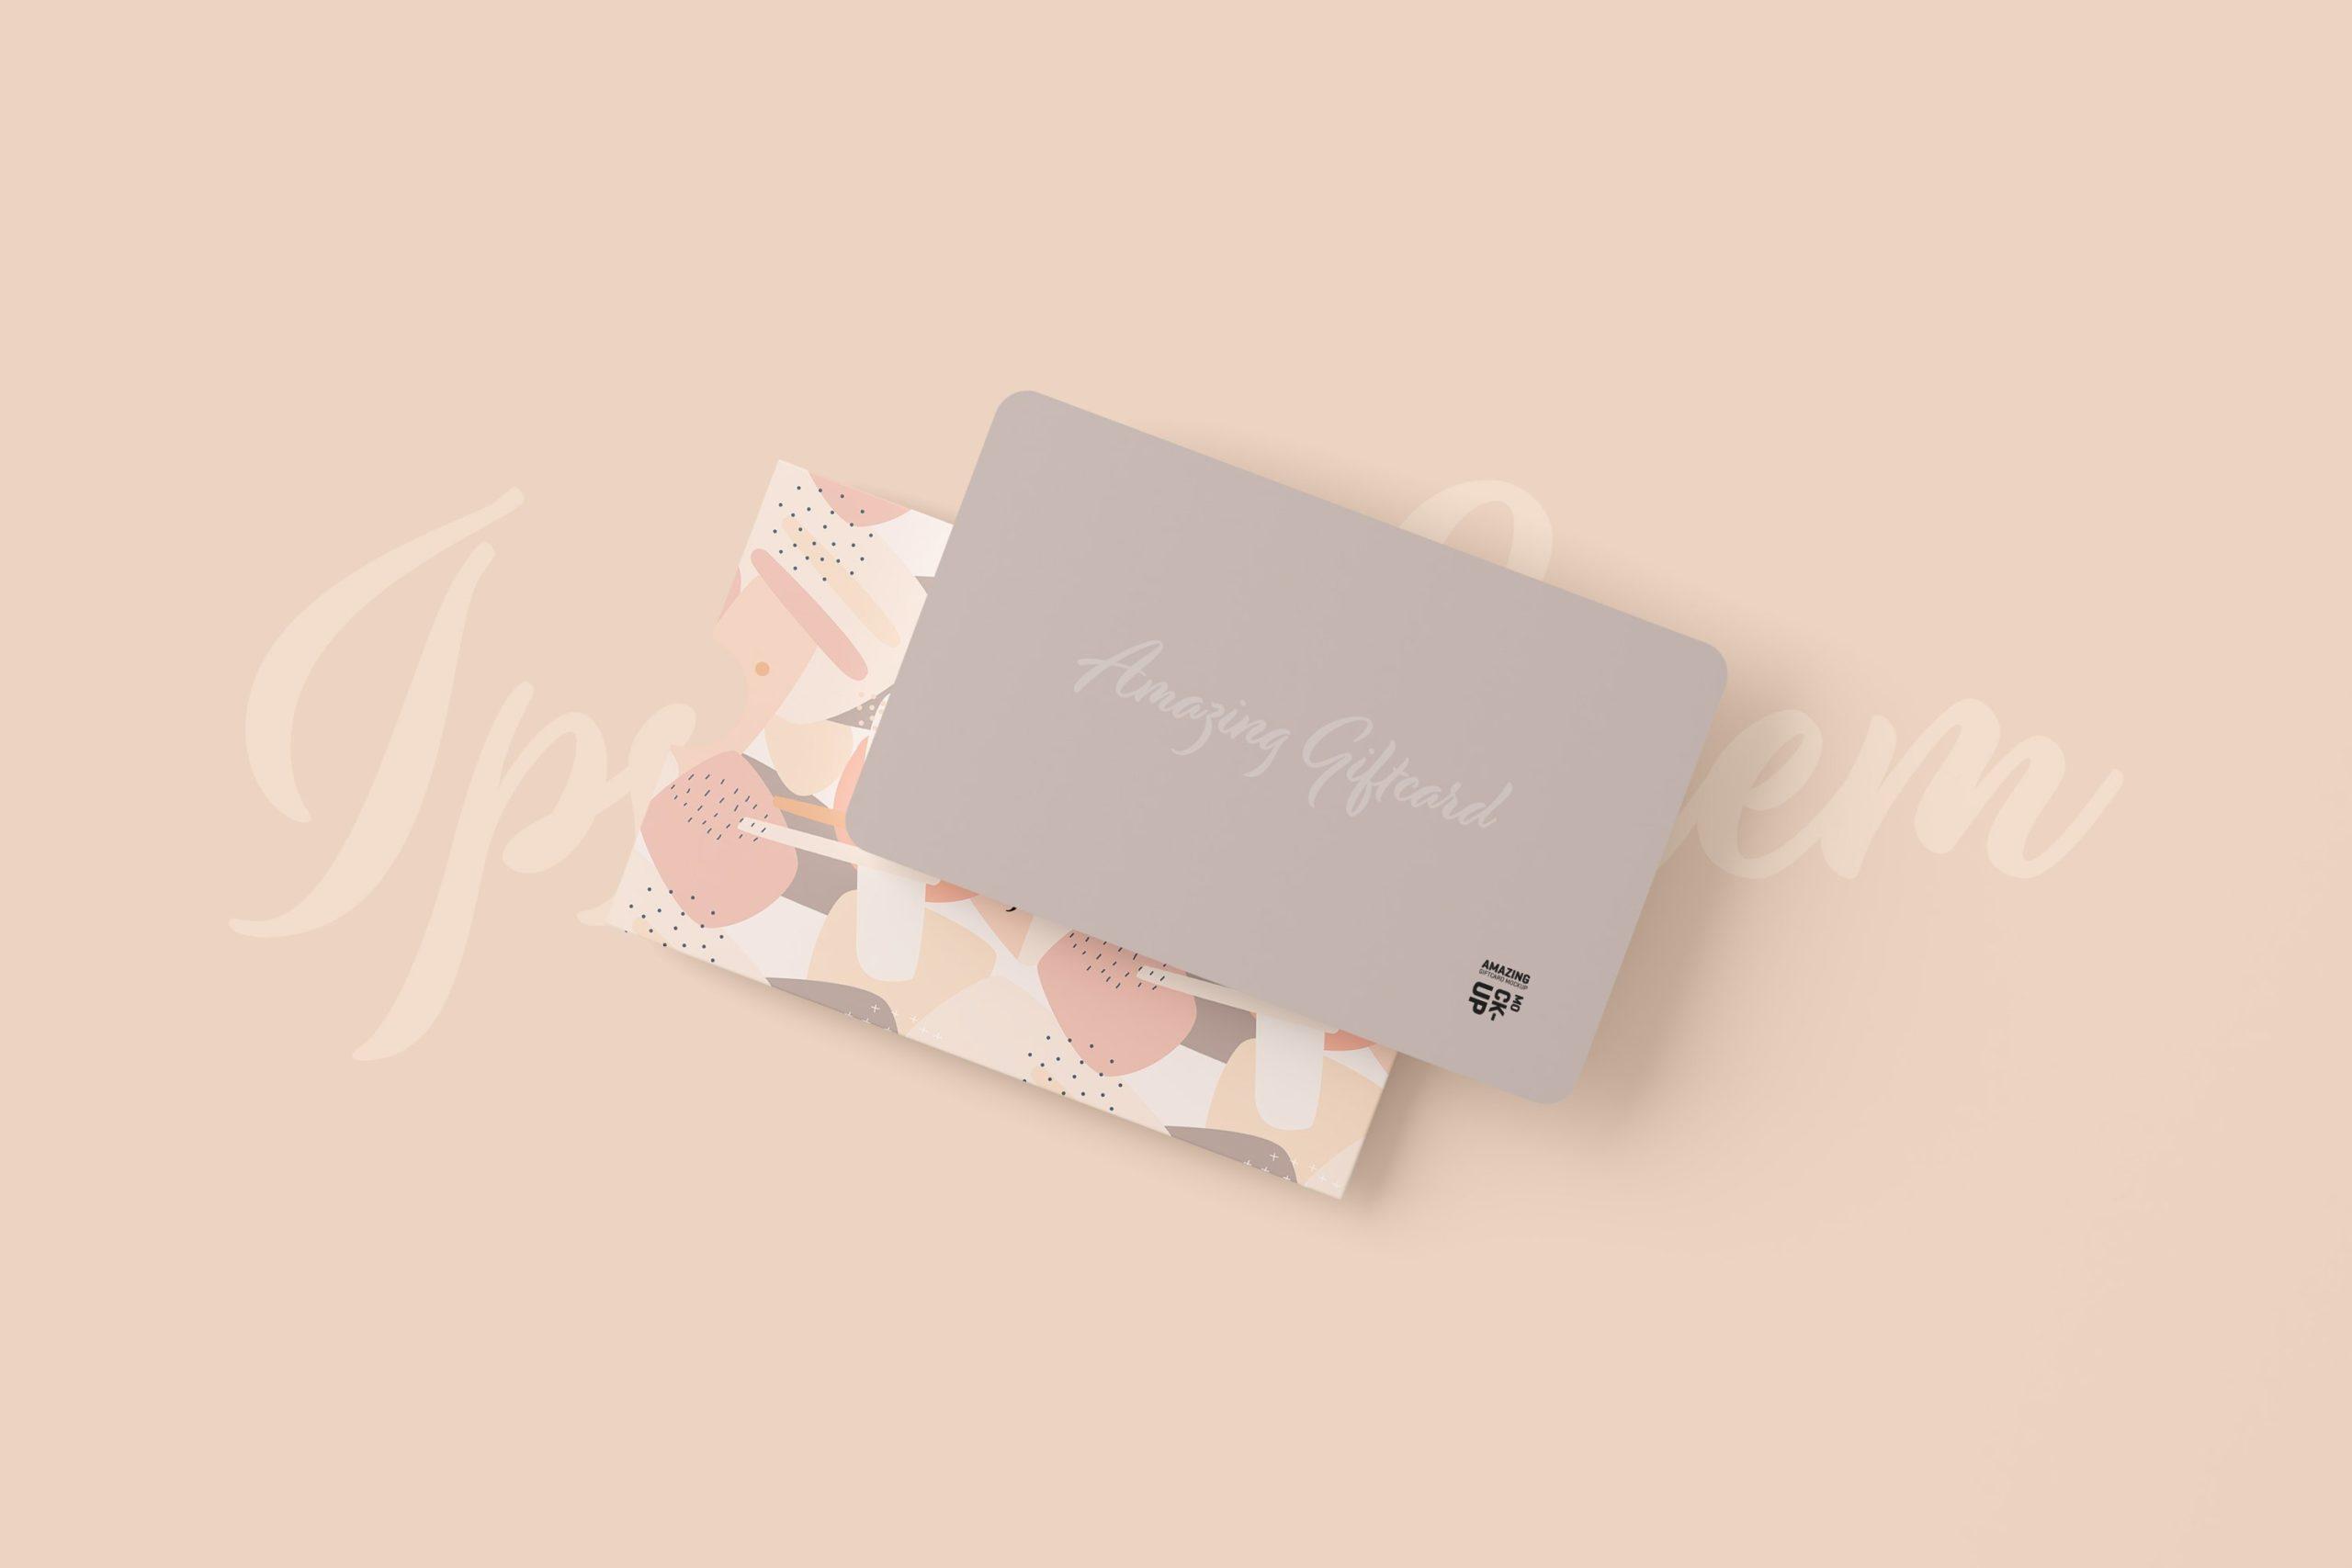 11款名片礼品卡设计展示贴图样机模板 Gift Card Mockup插图11